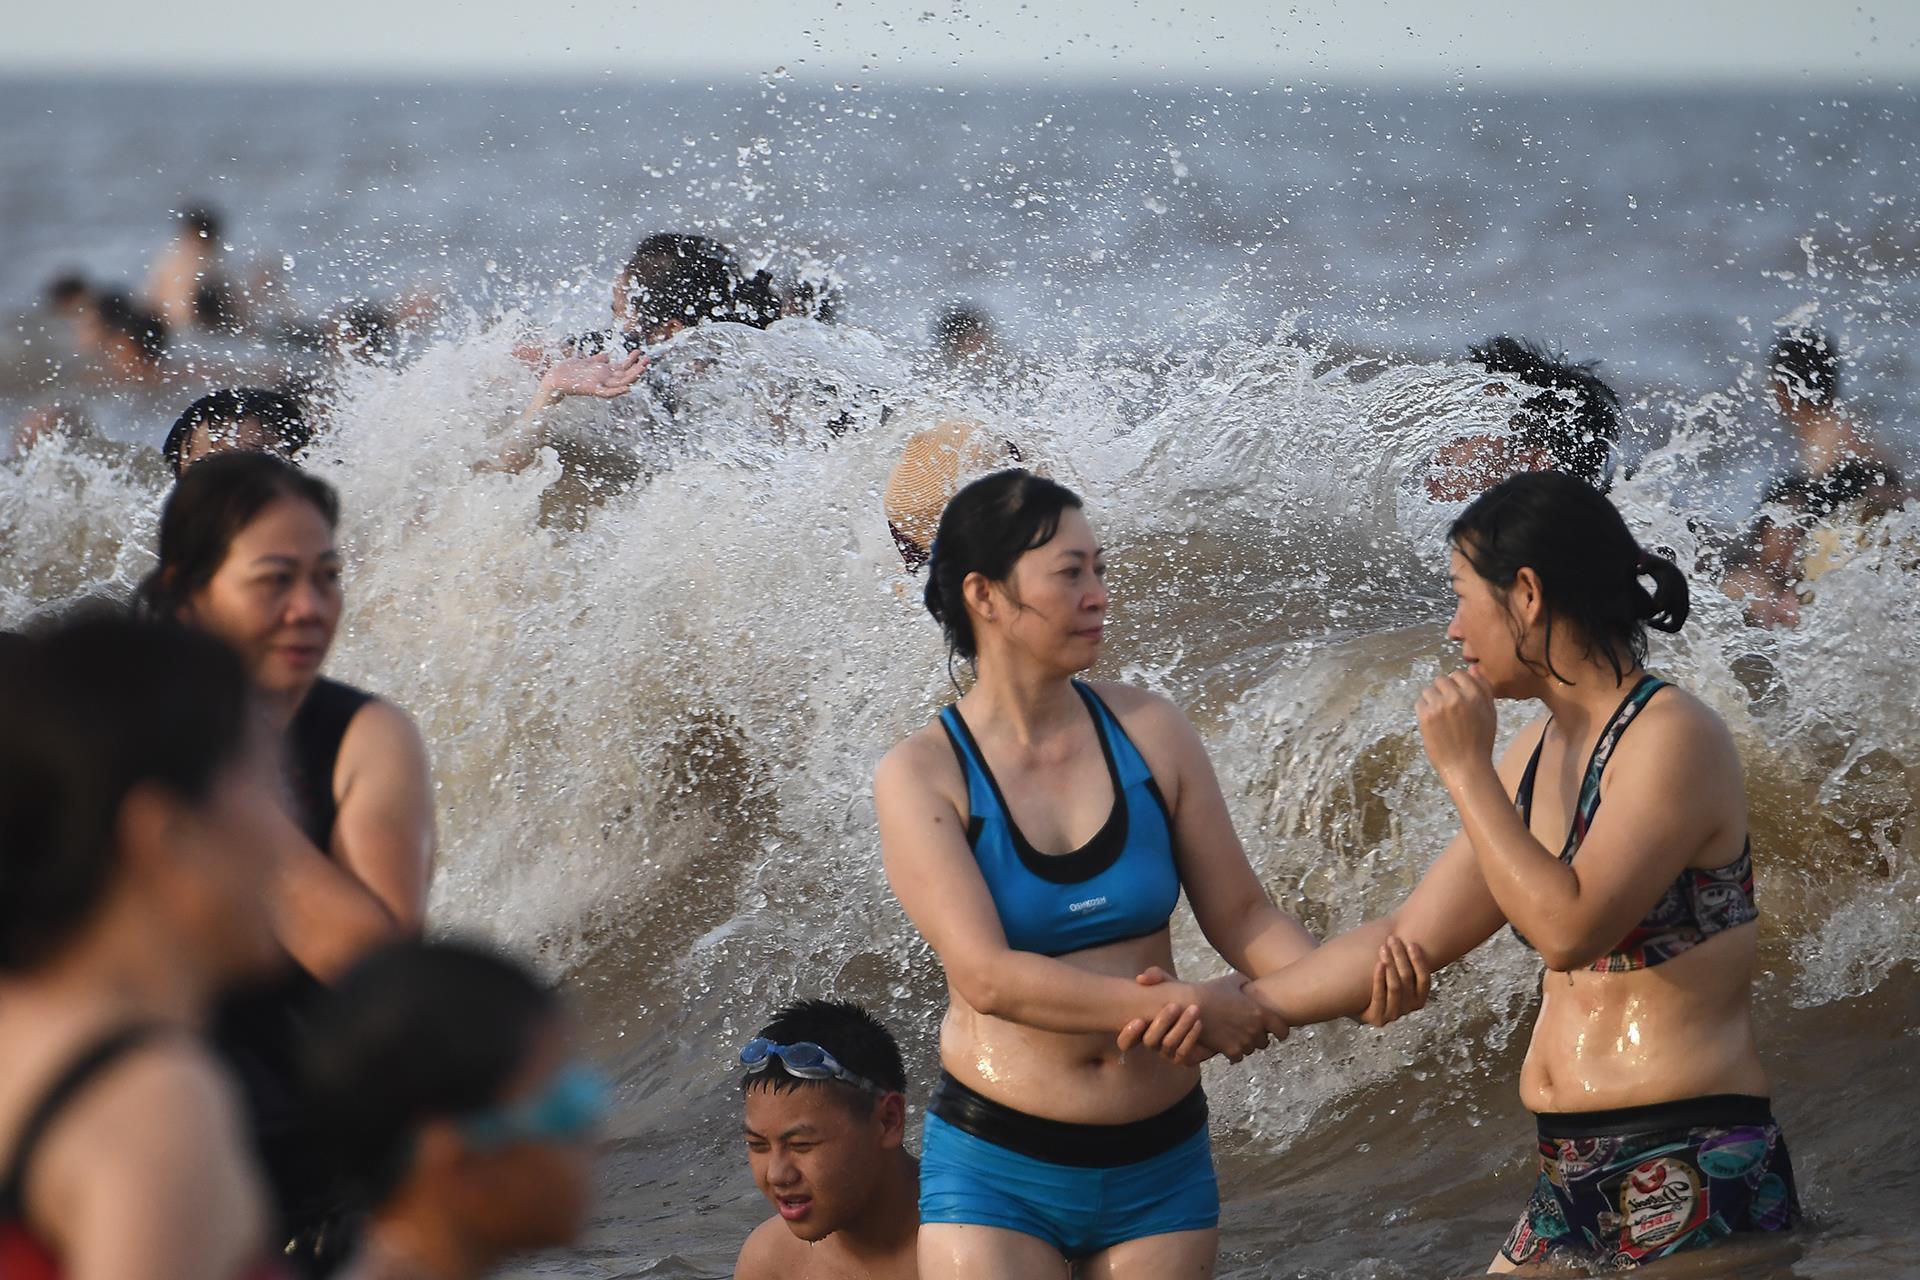 Hàng trăm nghìn người nhảy sóng ở bãi biển nước đục ngầu Ảnh 10